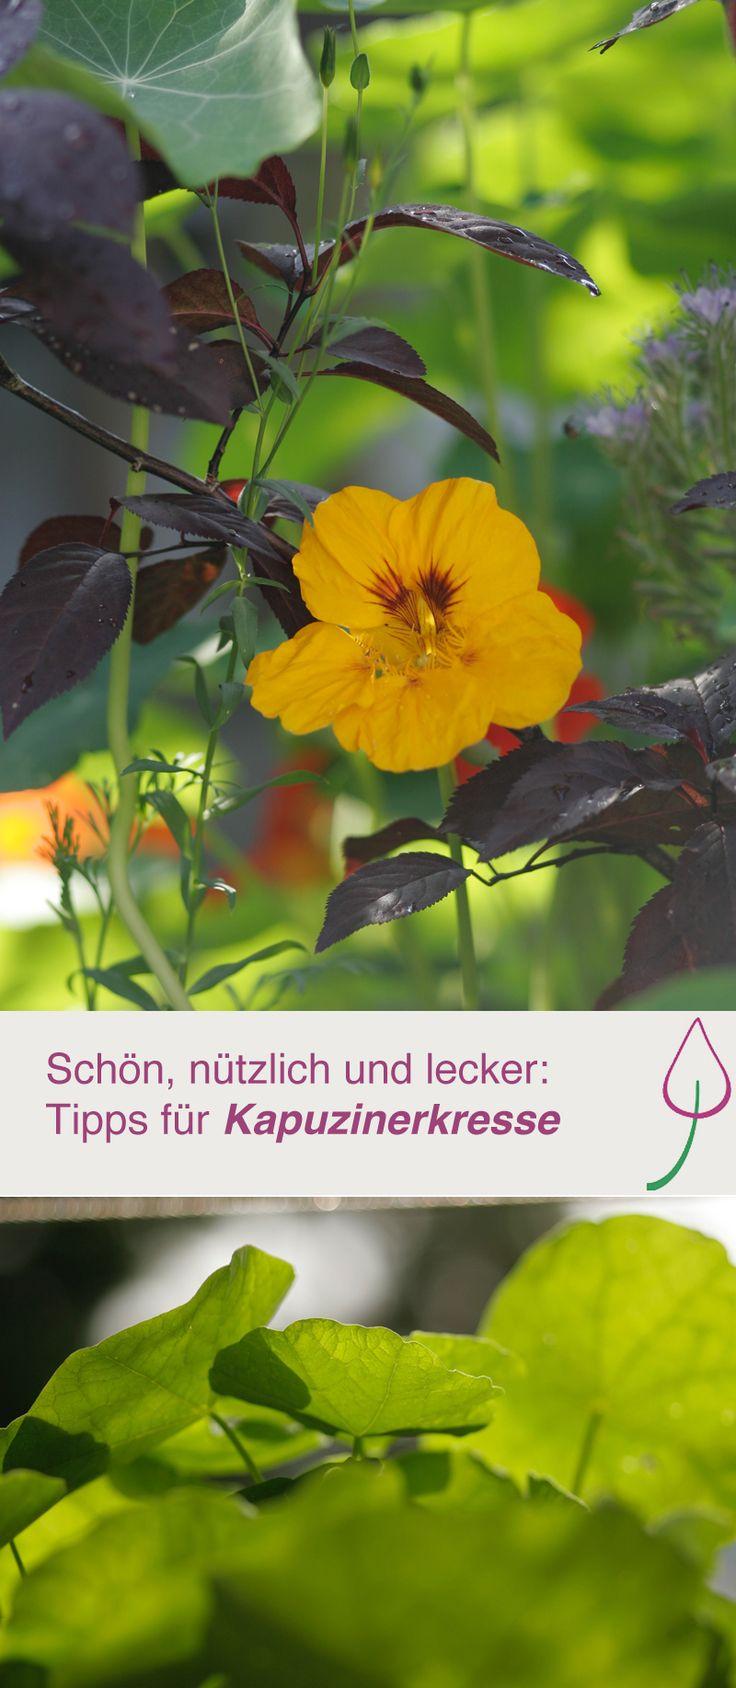 Die 145 Besten Bilder Zu Nutzgarten: Salat, Kräuter, Gemüse, Obst ... Gemuse Im Blumentopf Tipps Pflege